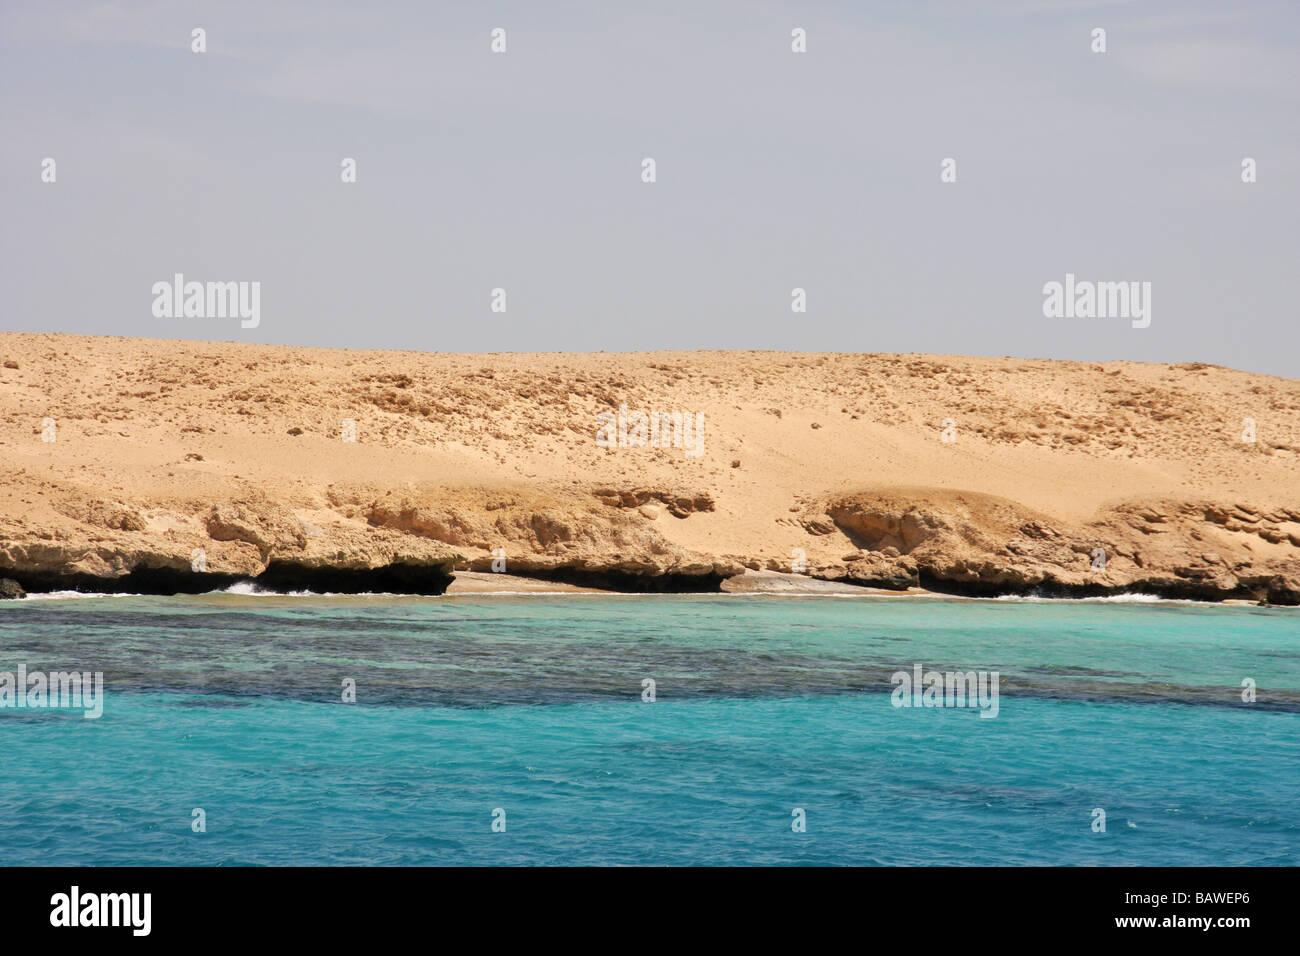 Tiran Insel vor der Küste von Sharm el sheikh Stockbild